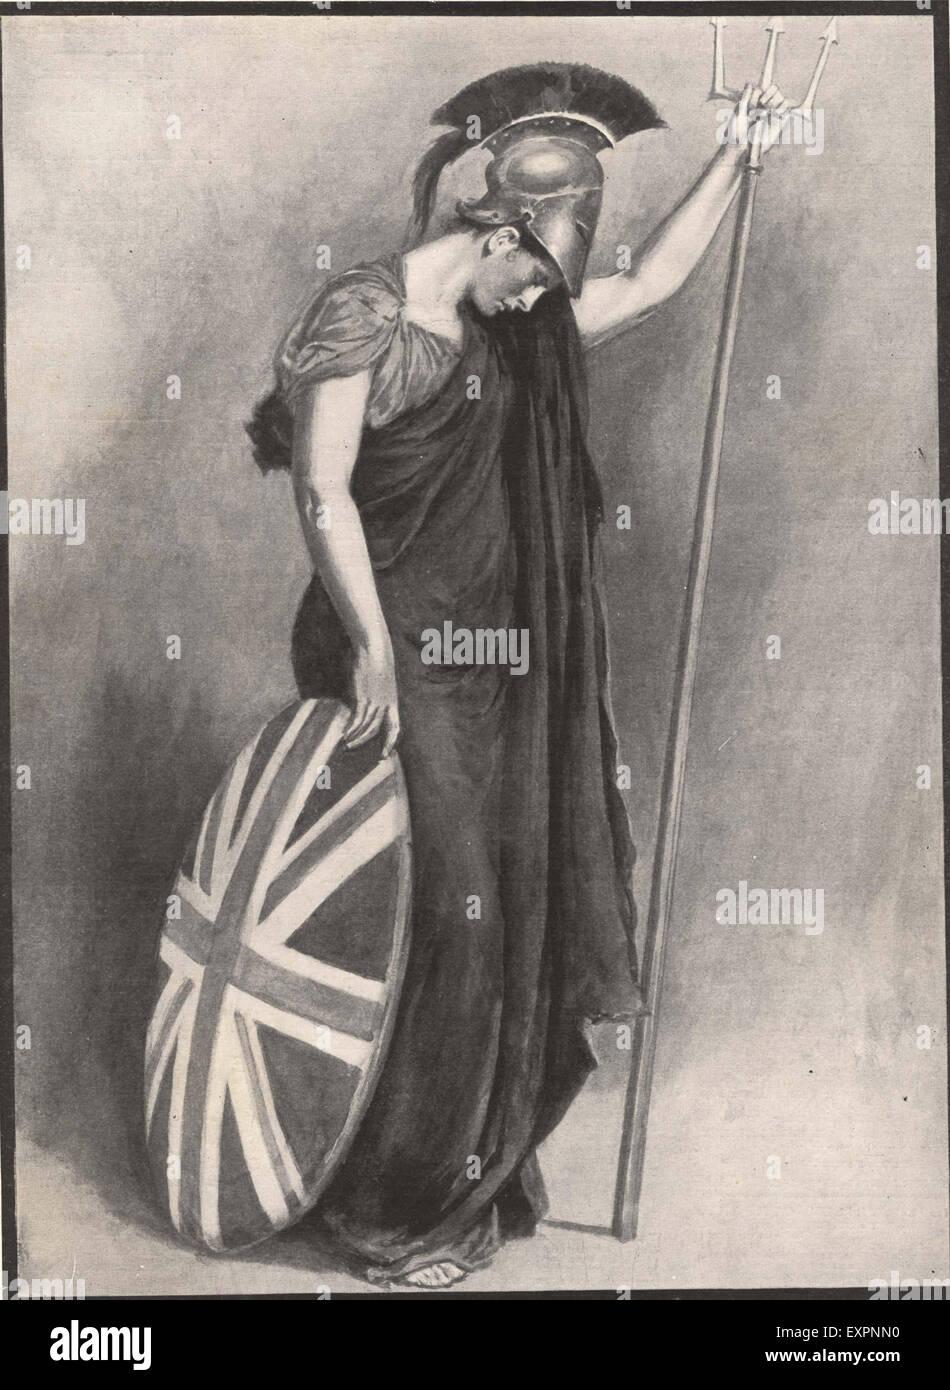 1900S UK Britannia piastra del magazzino Immagini Stock